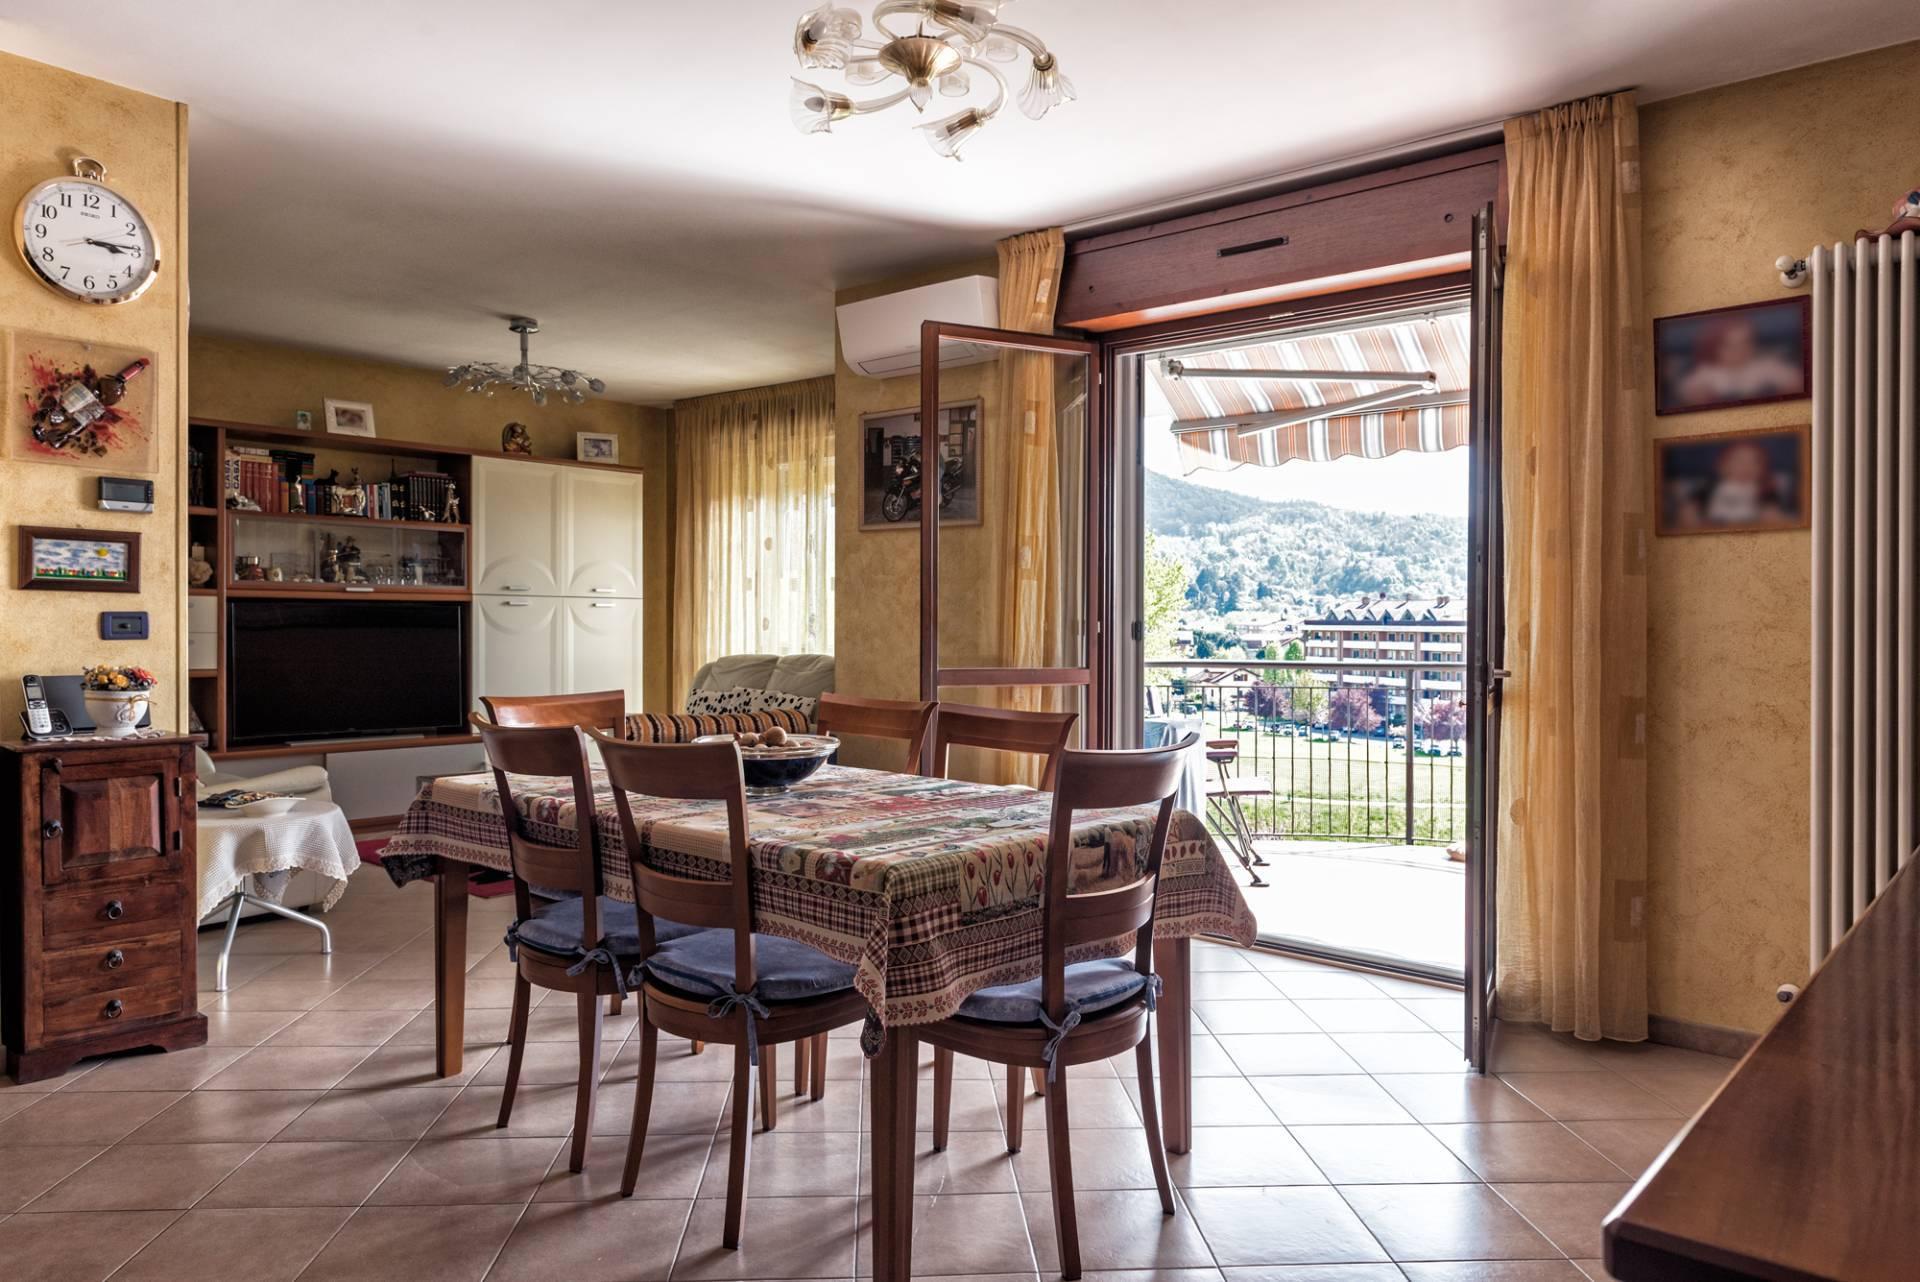 Appartamento in vendita a San Mauro Torinese, 5 locali, zona Località: OltrePo, prezzo € 310.000 | PortaleAgenzieImmobiliari.it